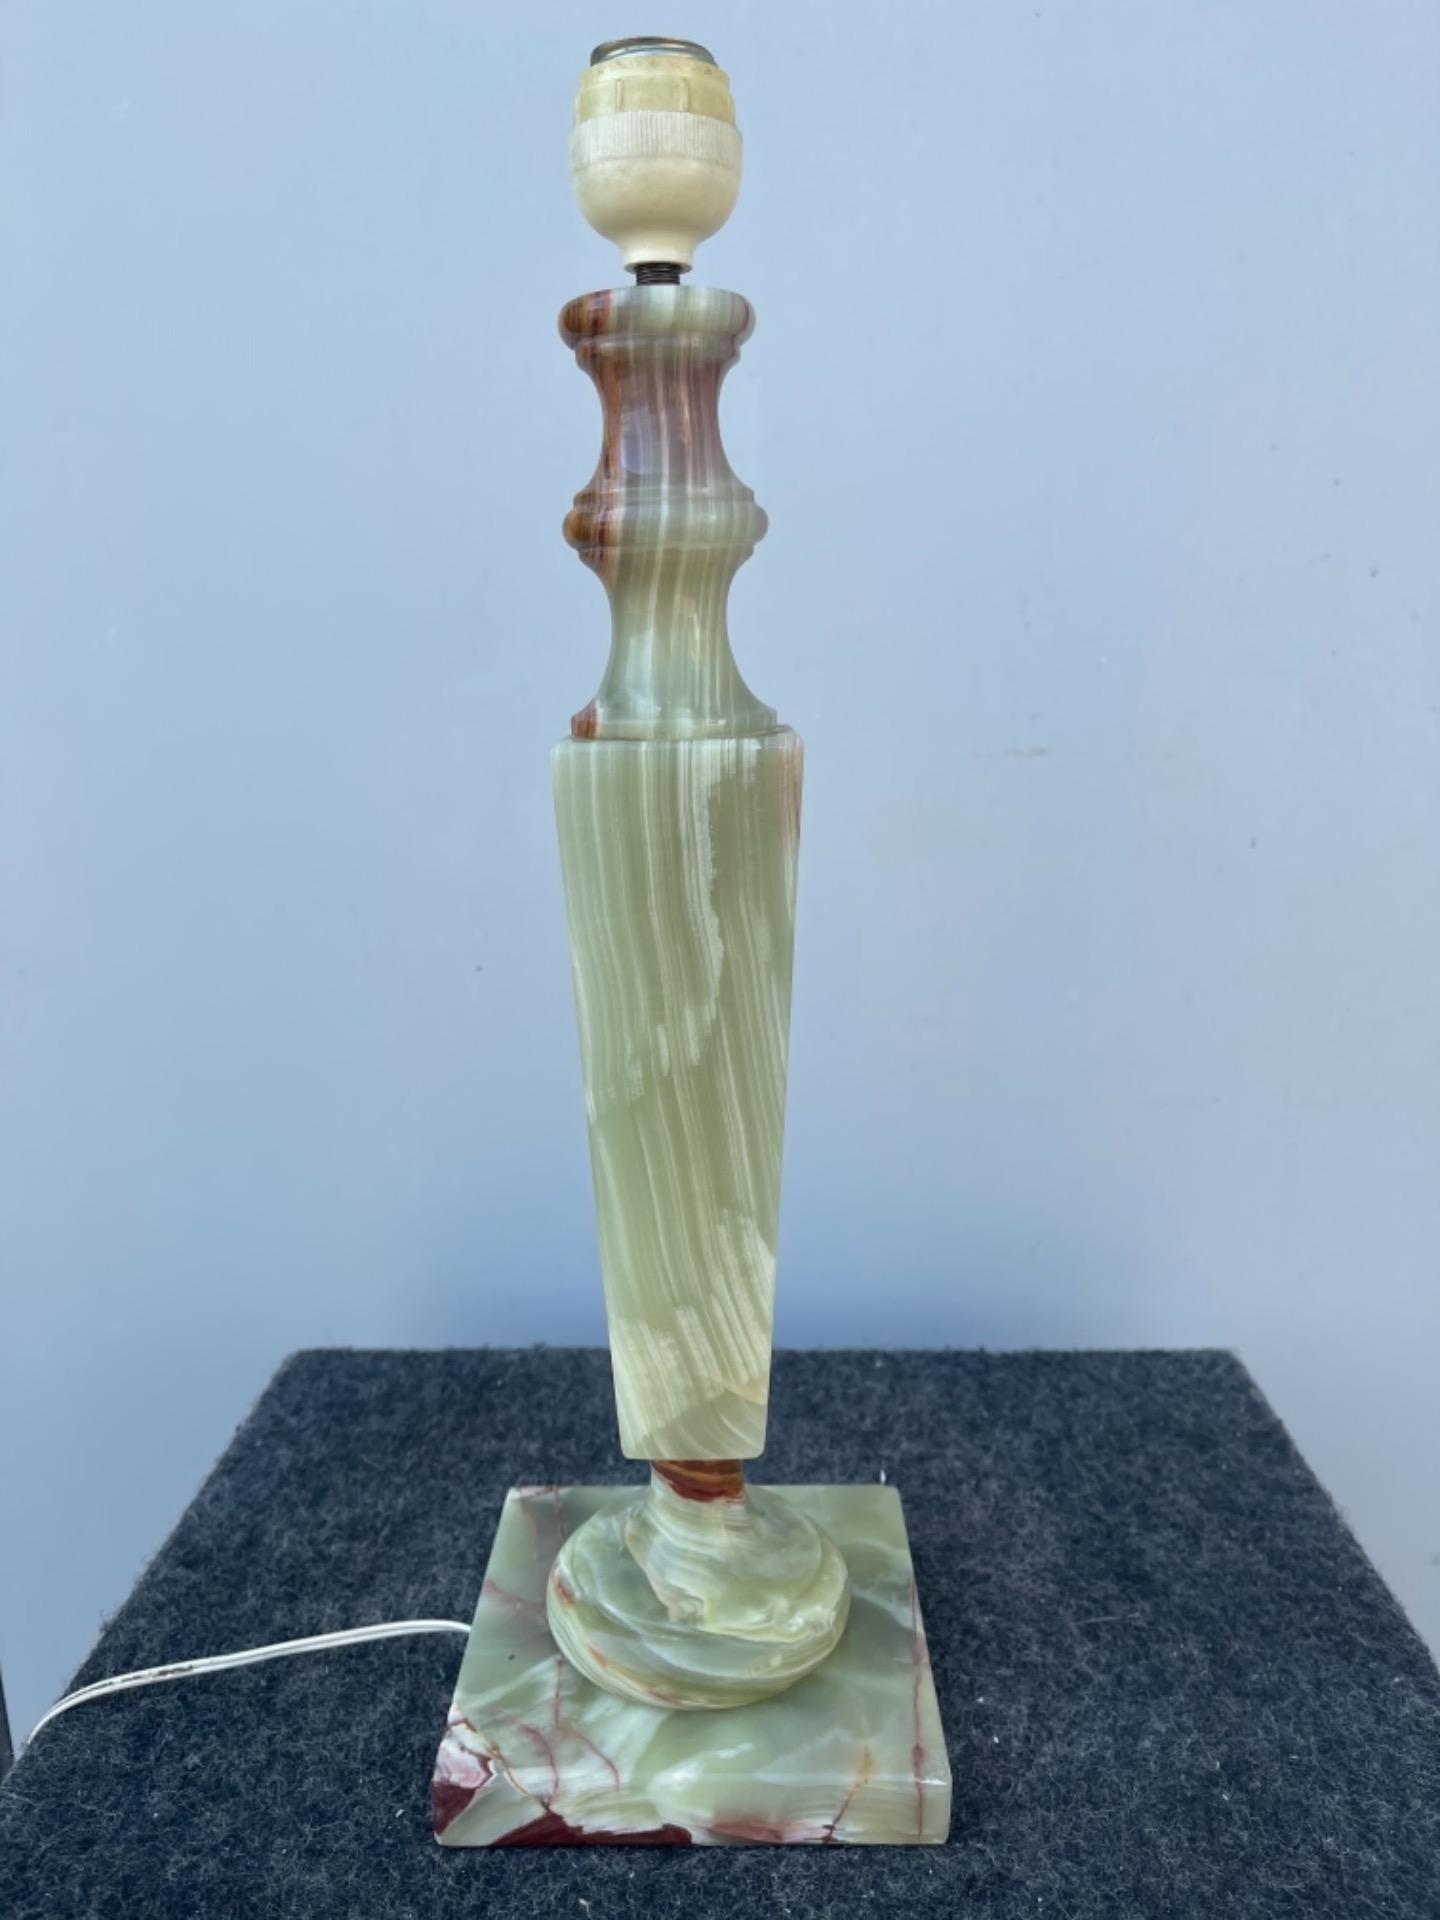 thumb3|Lampada in alabastro stile art deco'